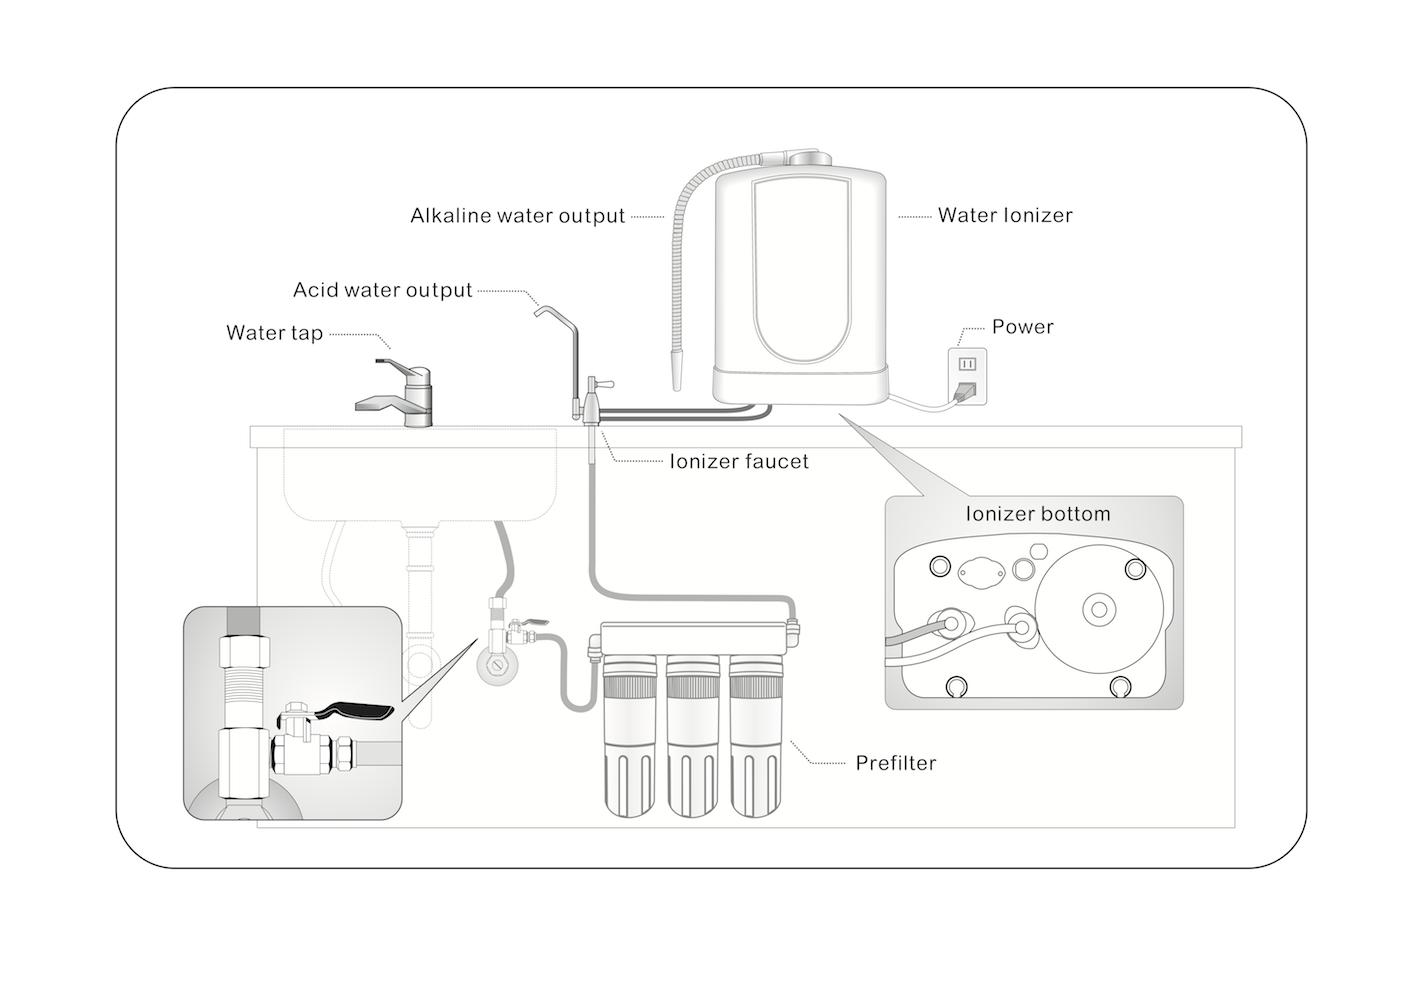 Countertop Alkaline Water Ionizer Under Sink Installation